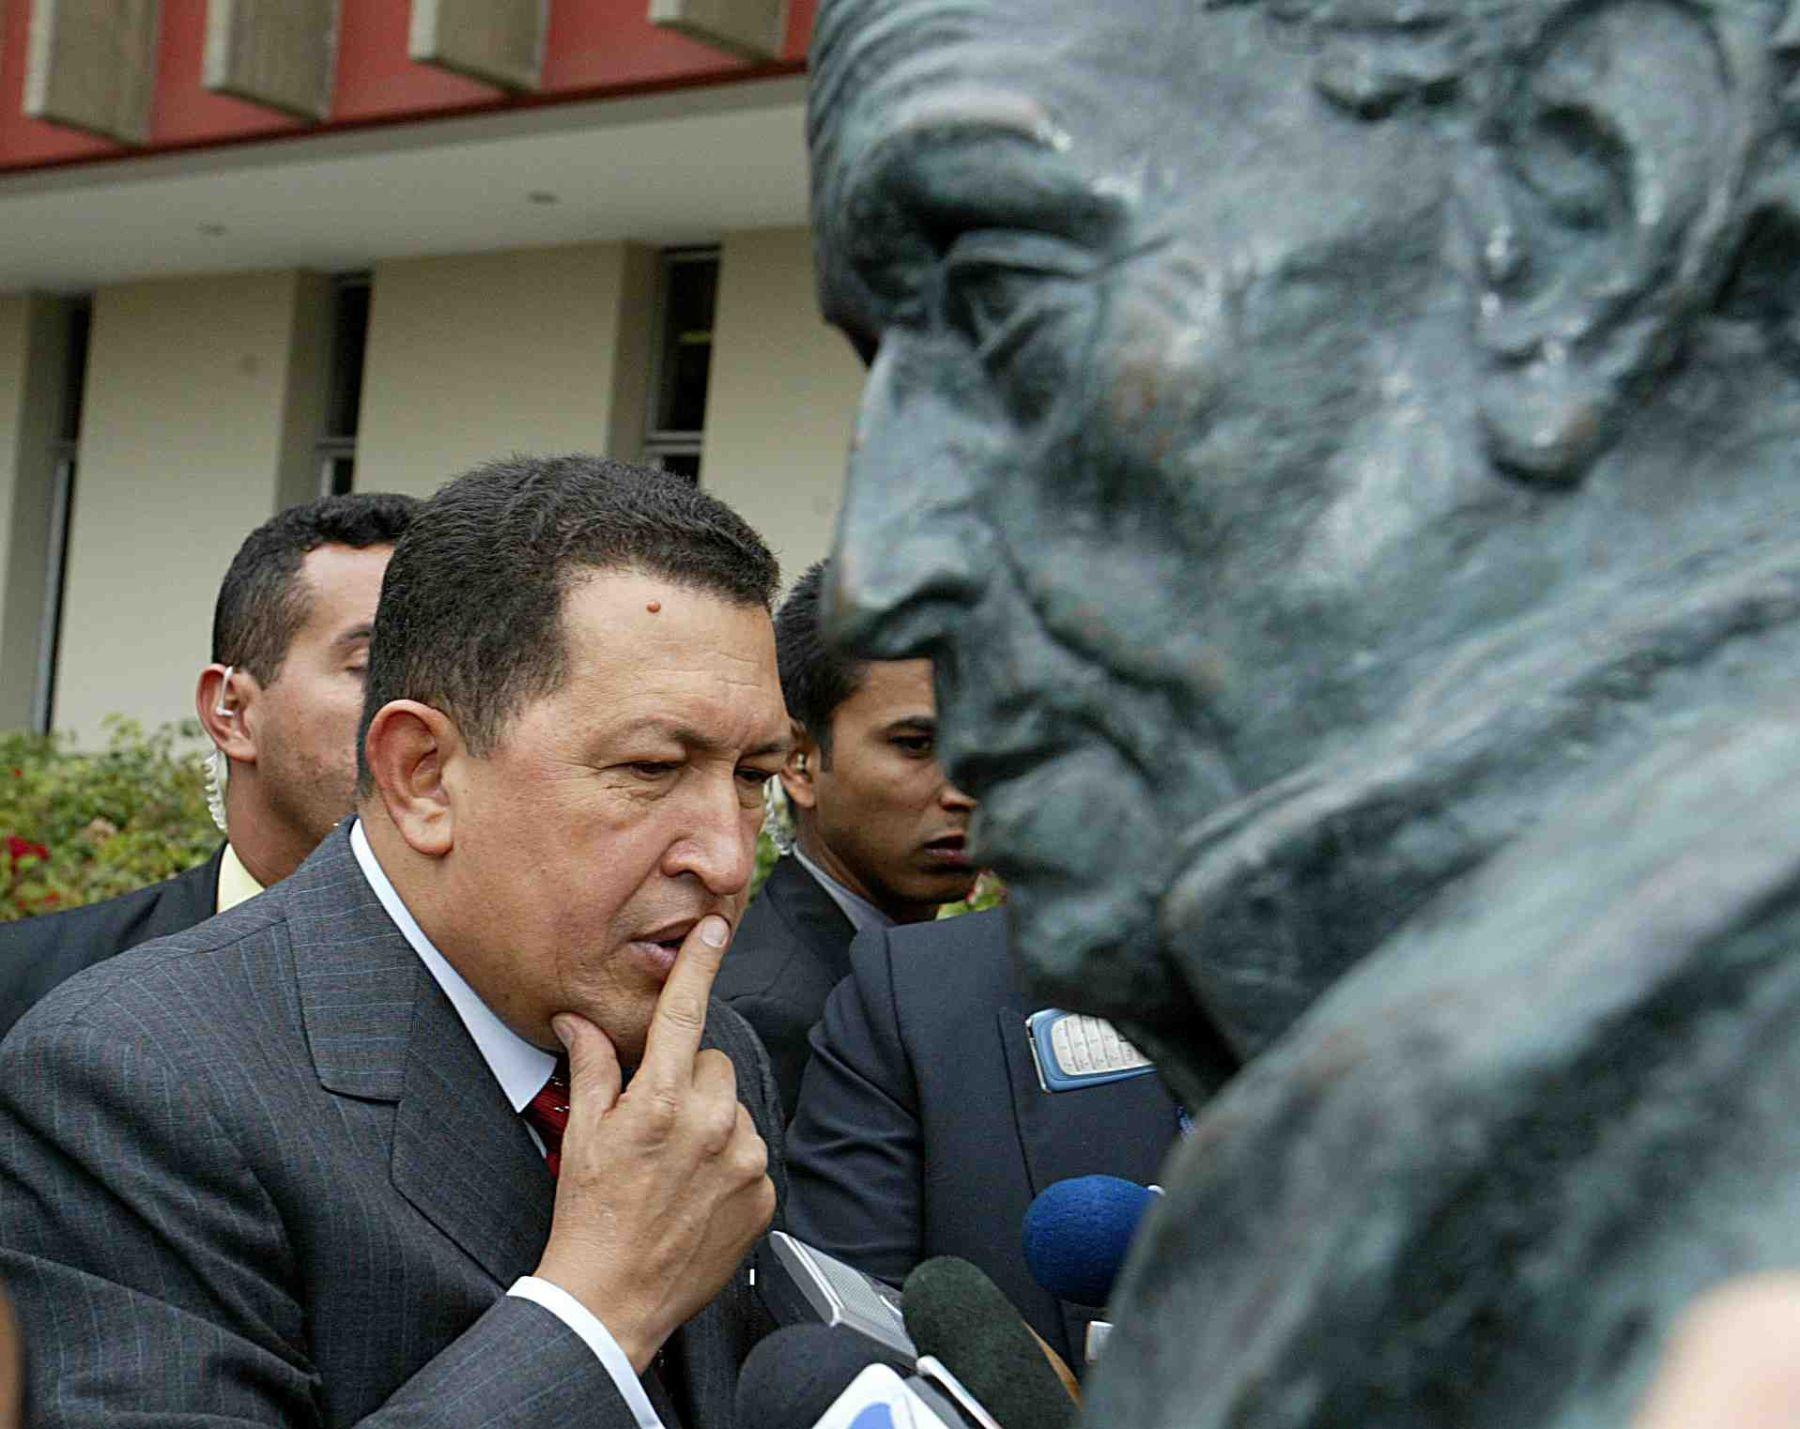 Hugo Chávez cerca del monumento a Símón Bolívar, en la sede de la Comunidad Andina (CAN). Foto: ANDINA/Archivo.